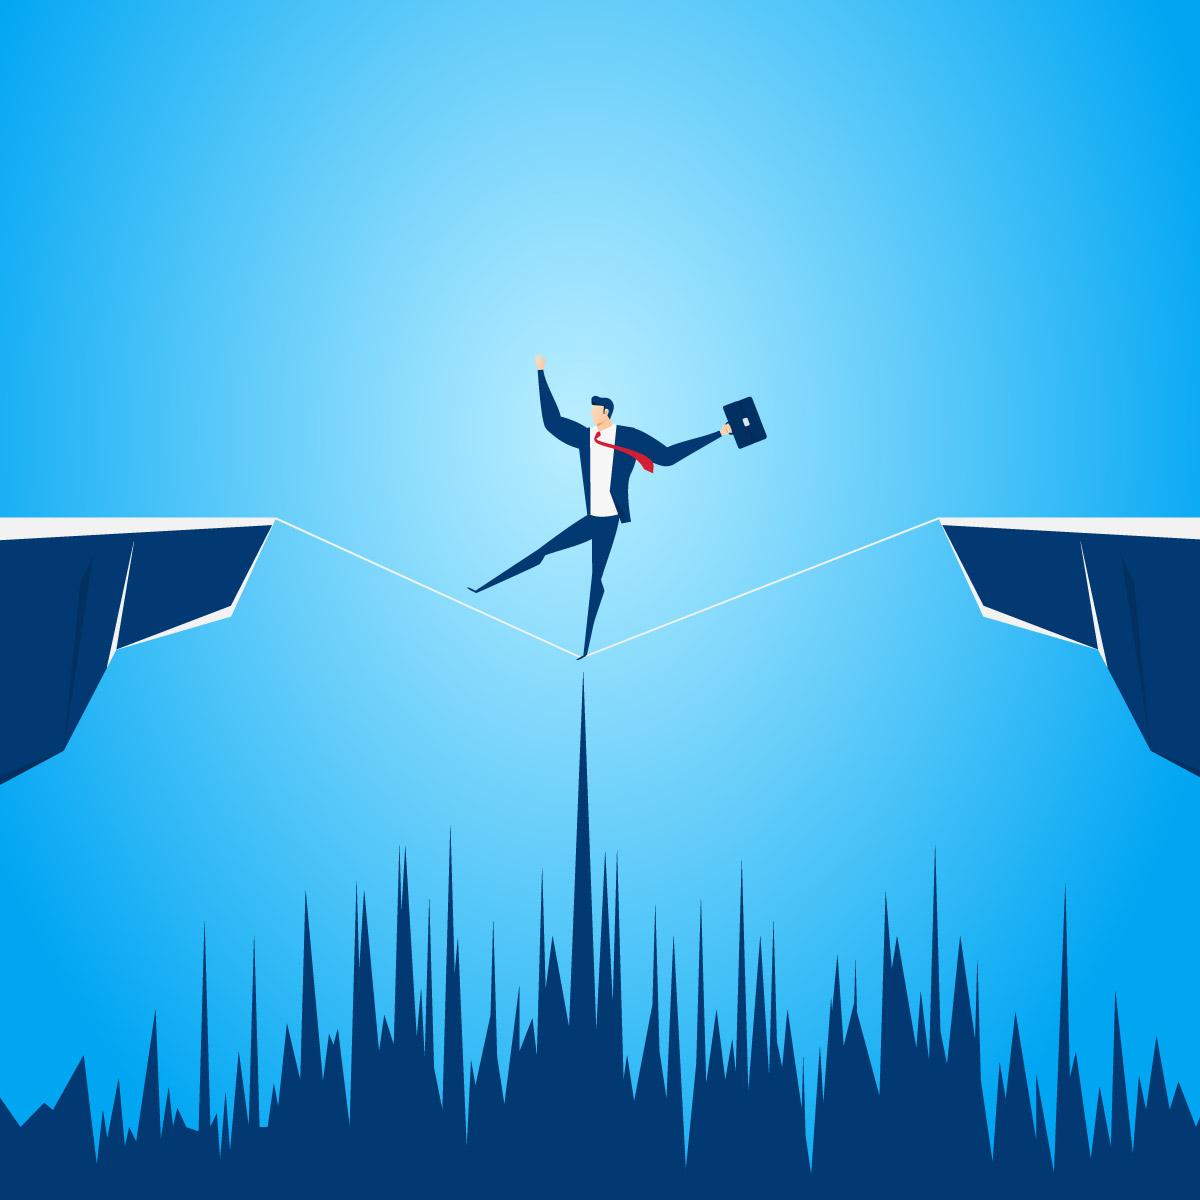 Kinh doanh chênh lệch giá có rủi ro không